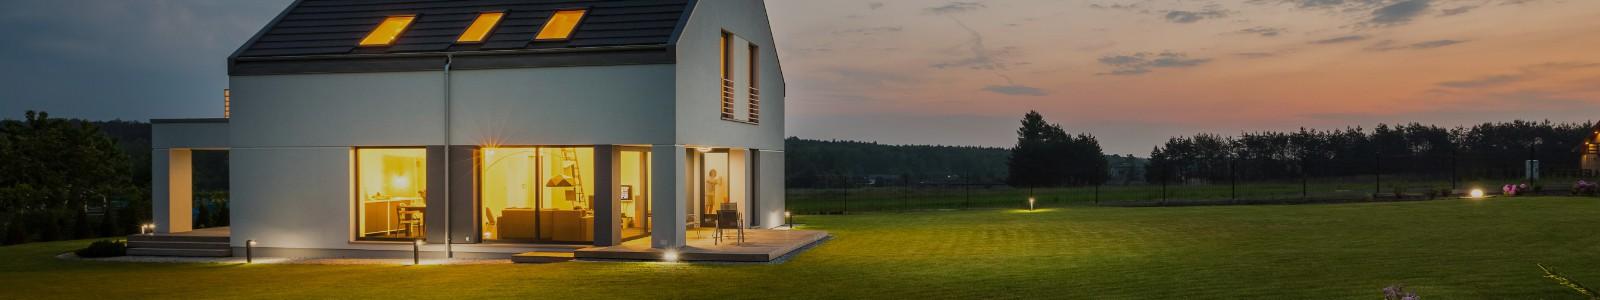 Projekty Domów Z Garderobą | Swoboda i Komfort